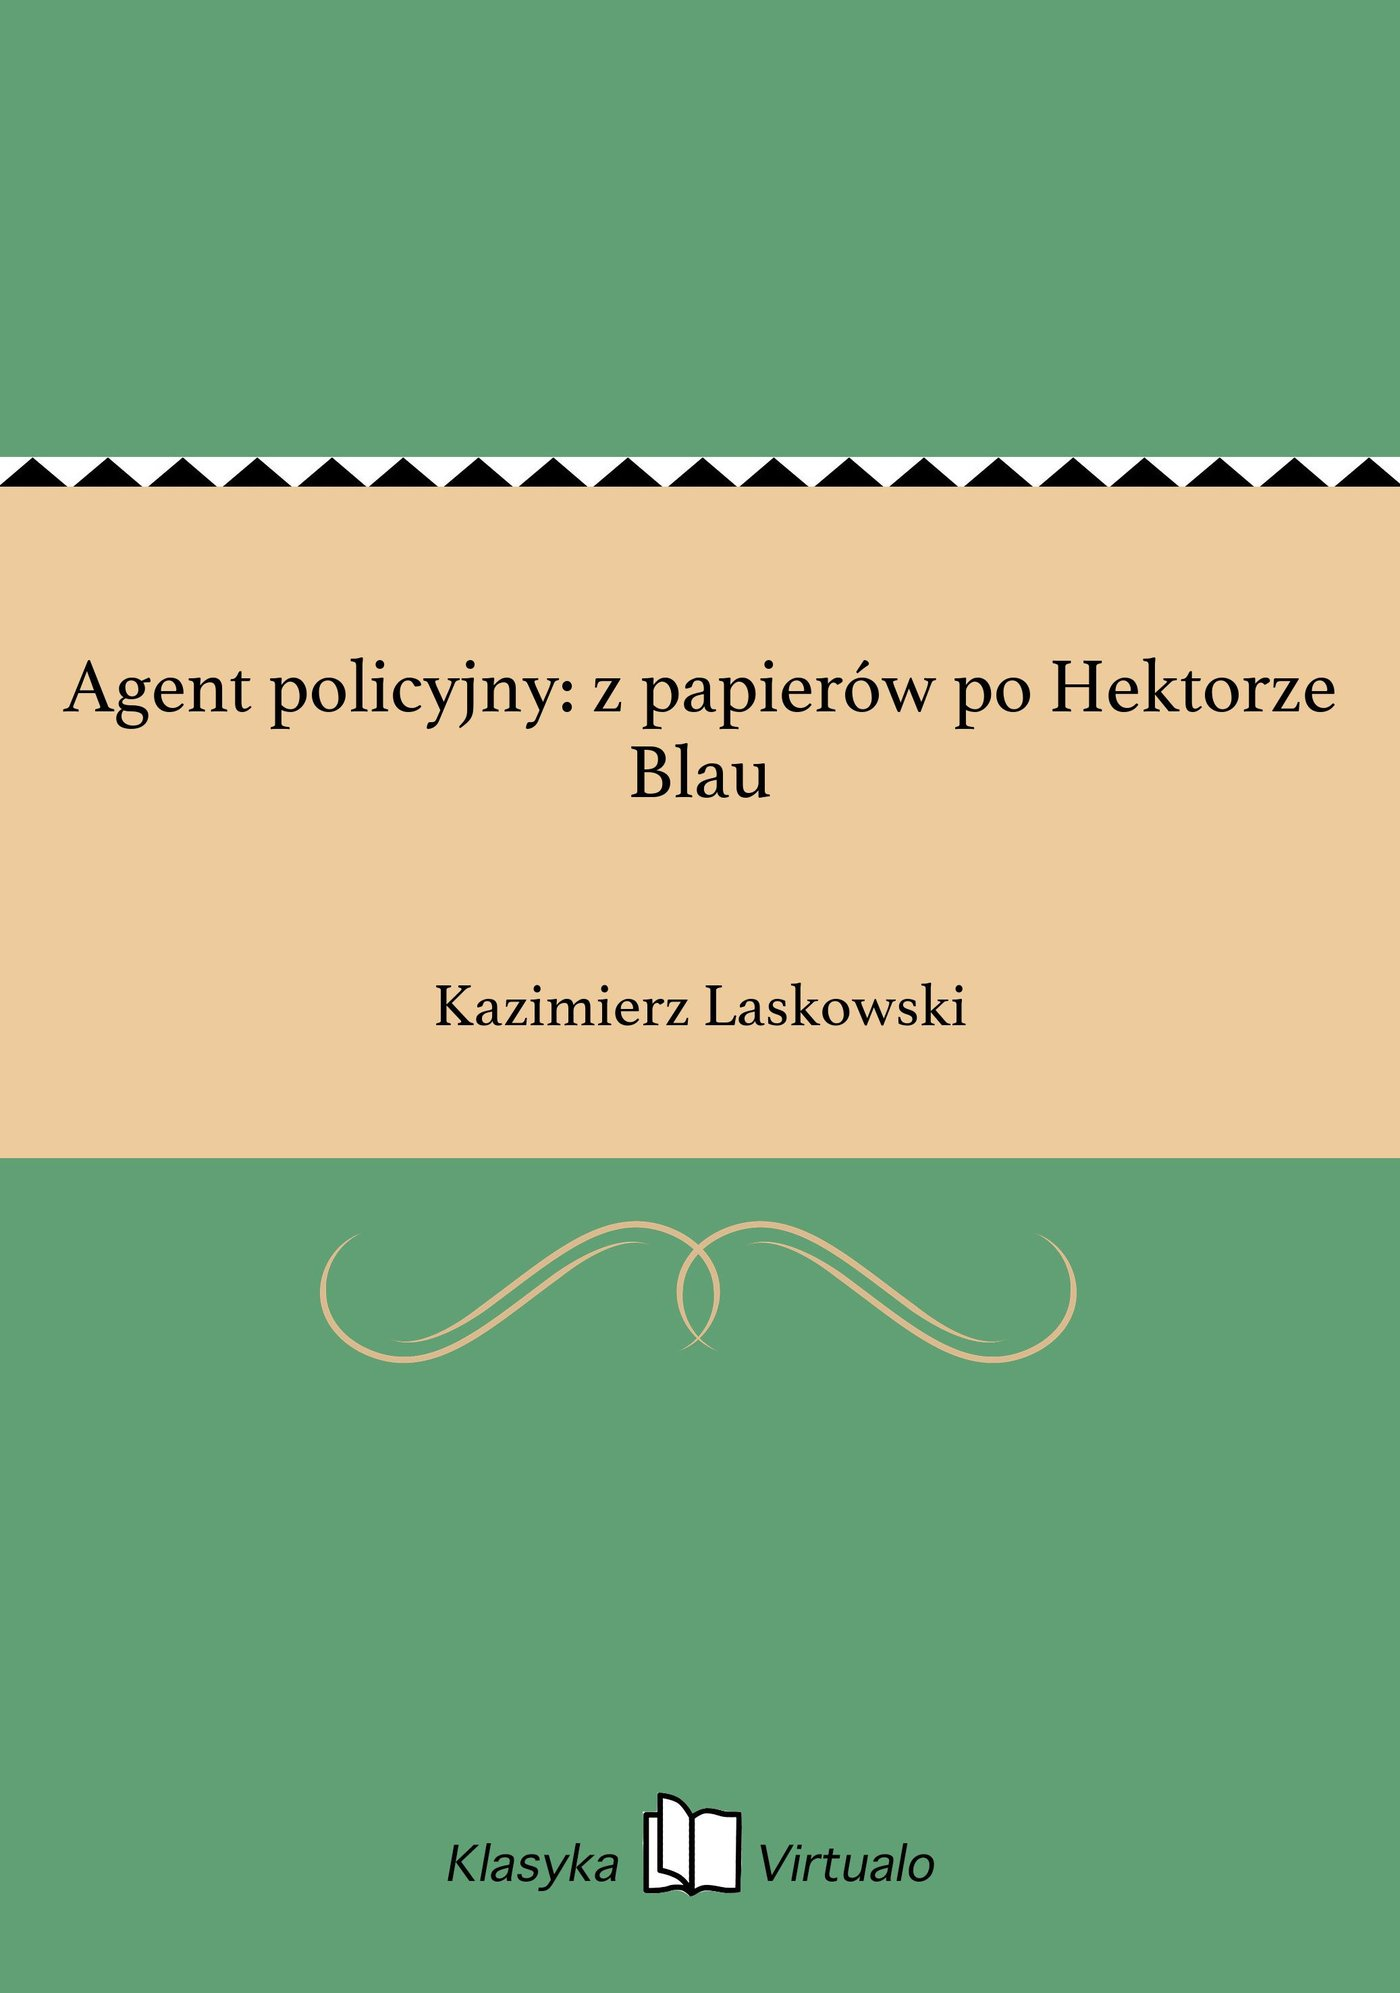 Agent policyjny: z papierów po Hektorze Blau - Ebook (Książka EPUB) do pobrania w formacie EPUB